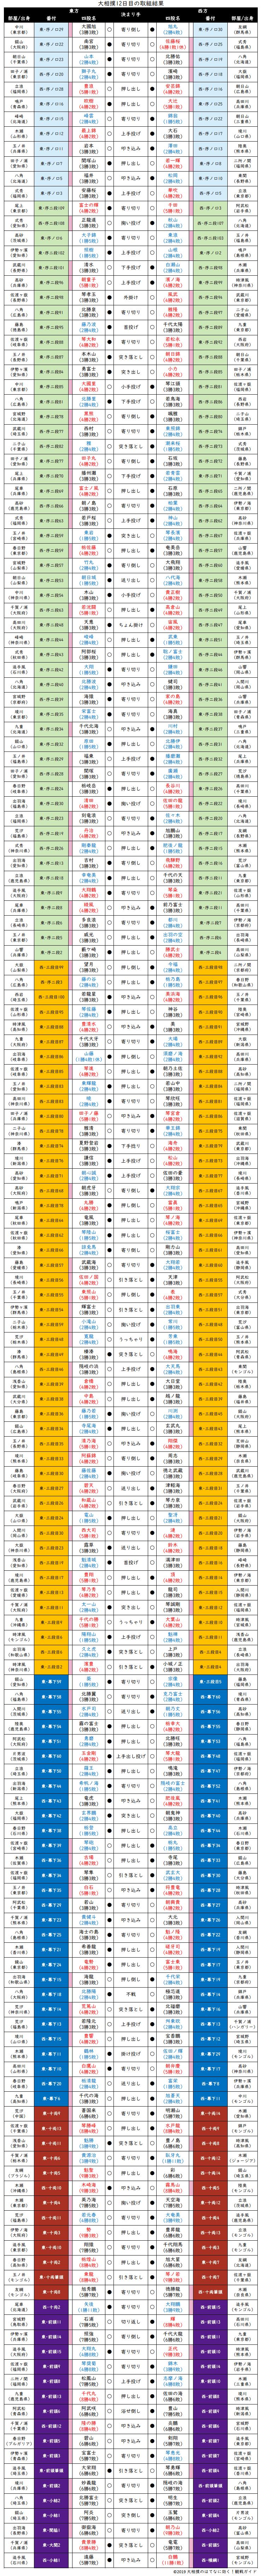 大相撲・2019年11月場所12日目の取組結果